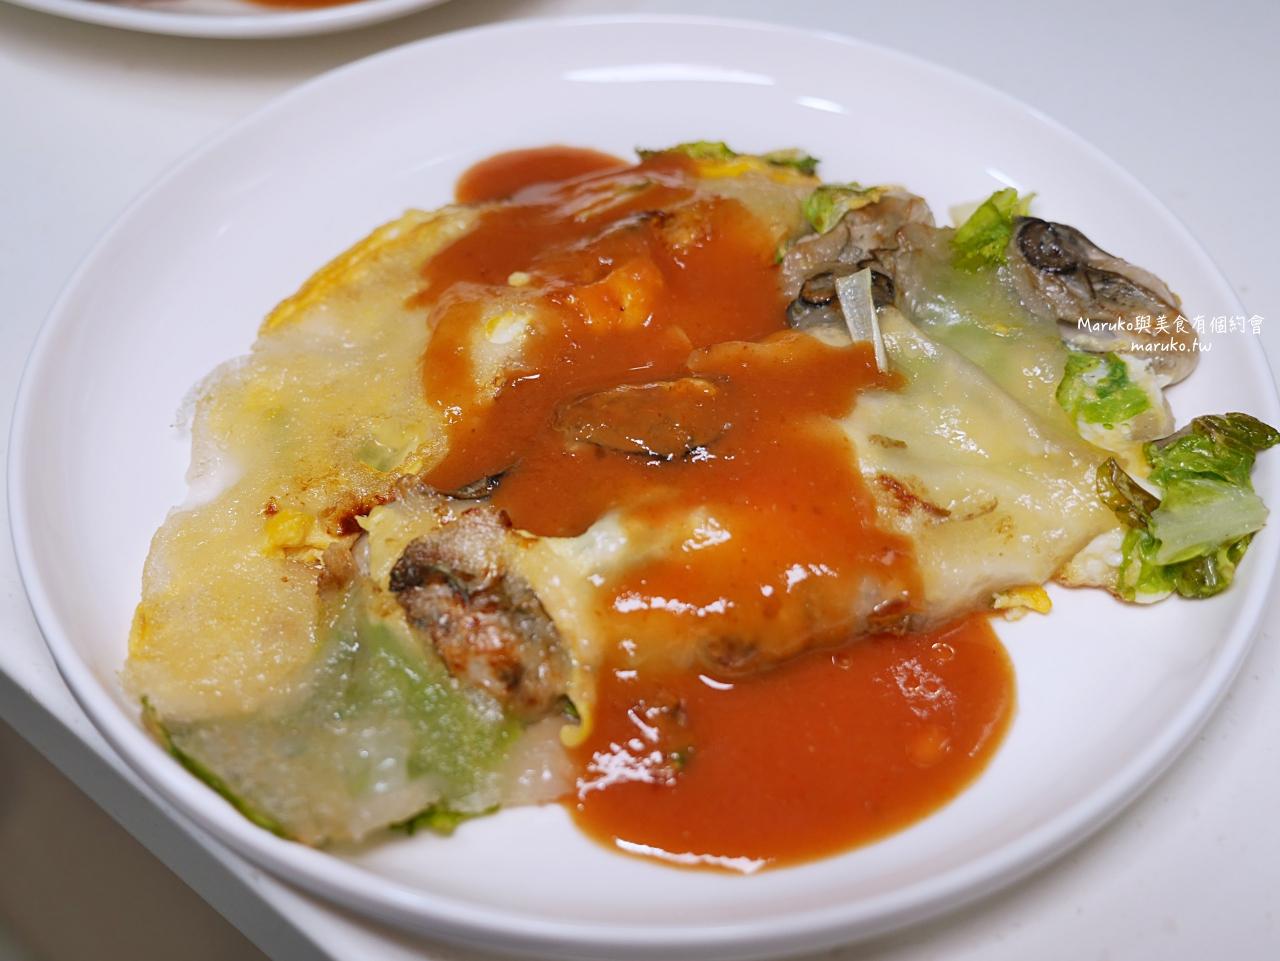 【食譜】蚵仔煎 酥皮蚵仔煎粉 夜市熱門台灣小吃在家做 含醬汁做法 @Maruko與美食有個約會